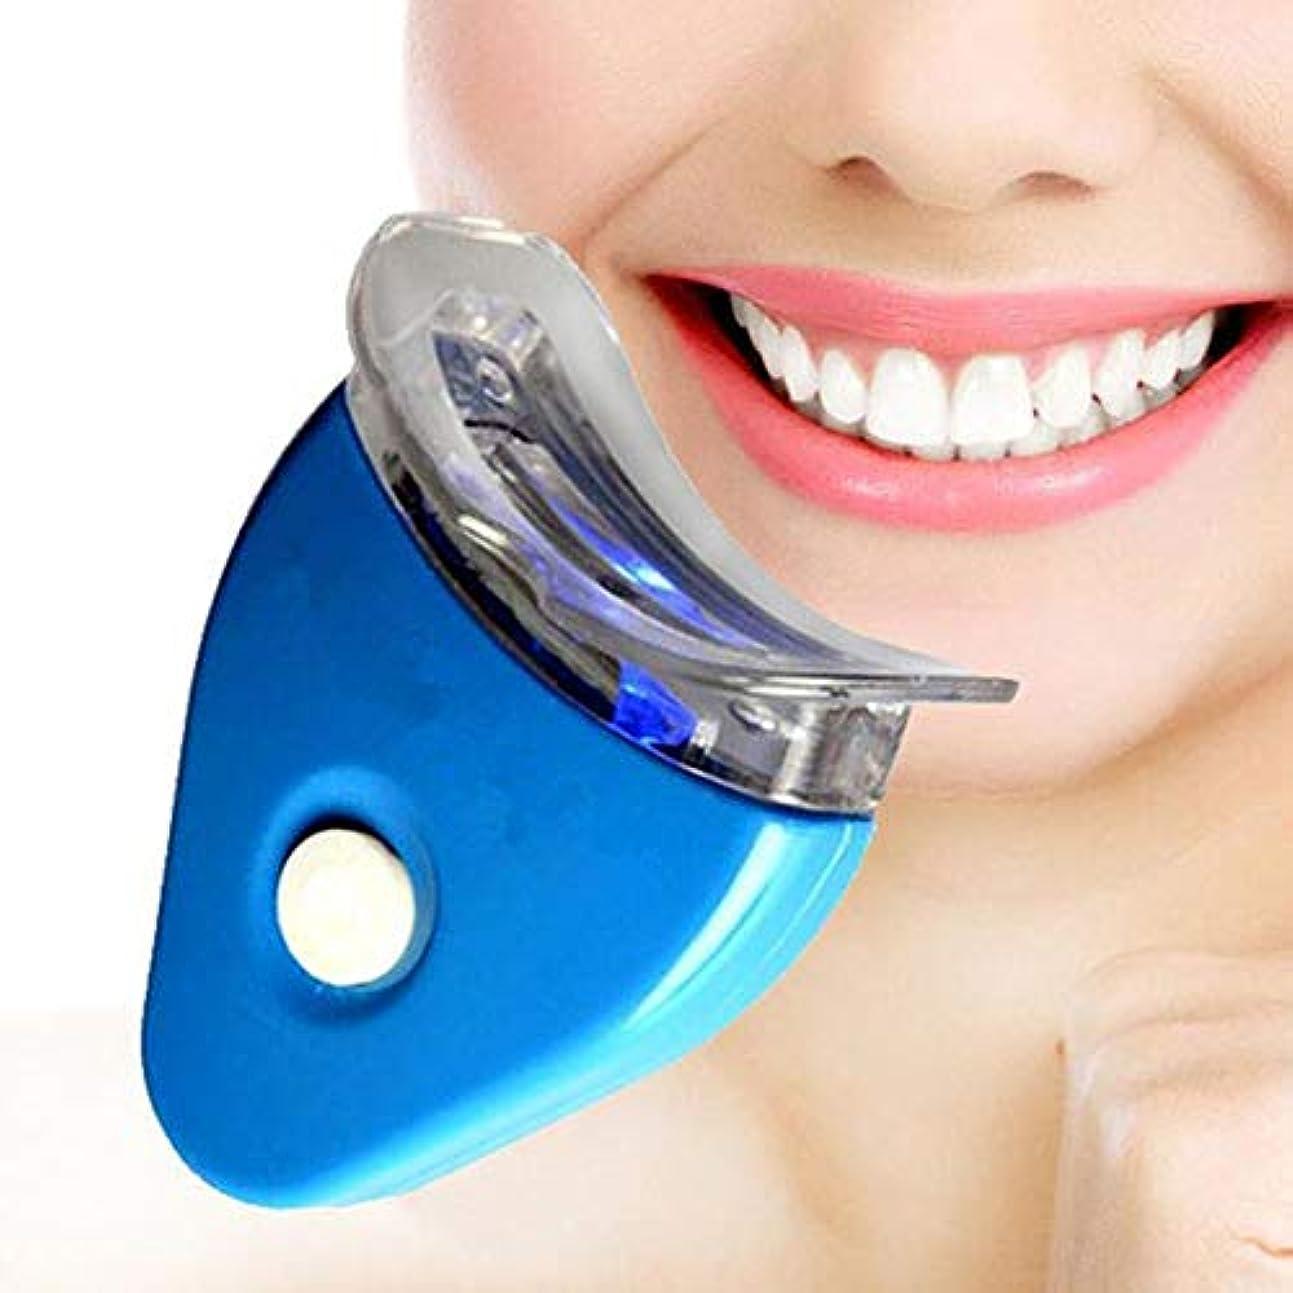 純粋にすごい無意識歯のホワイトニングキット、歯磨き粉漂白健康な口腔ケア歯磨き粉個人用歯科キット/健康な口腔ケア、LEDライト付き